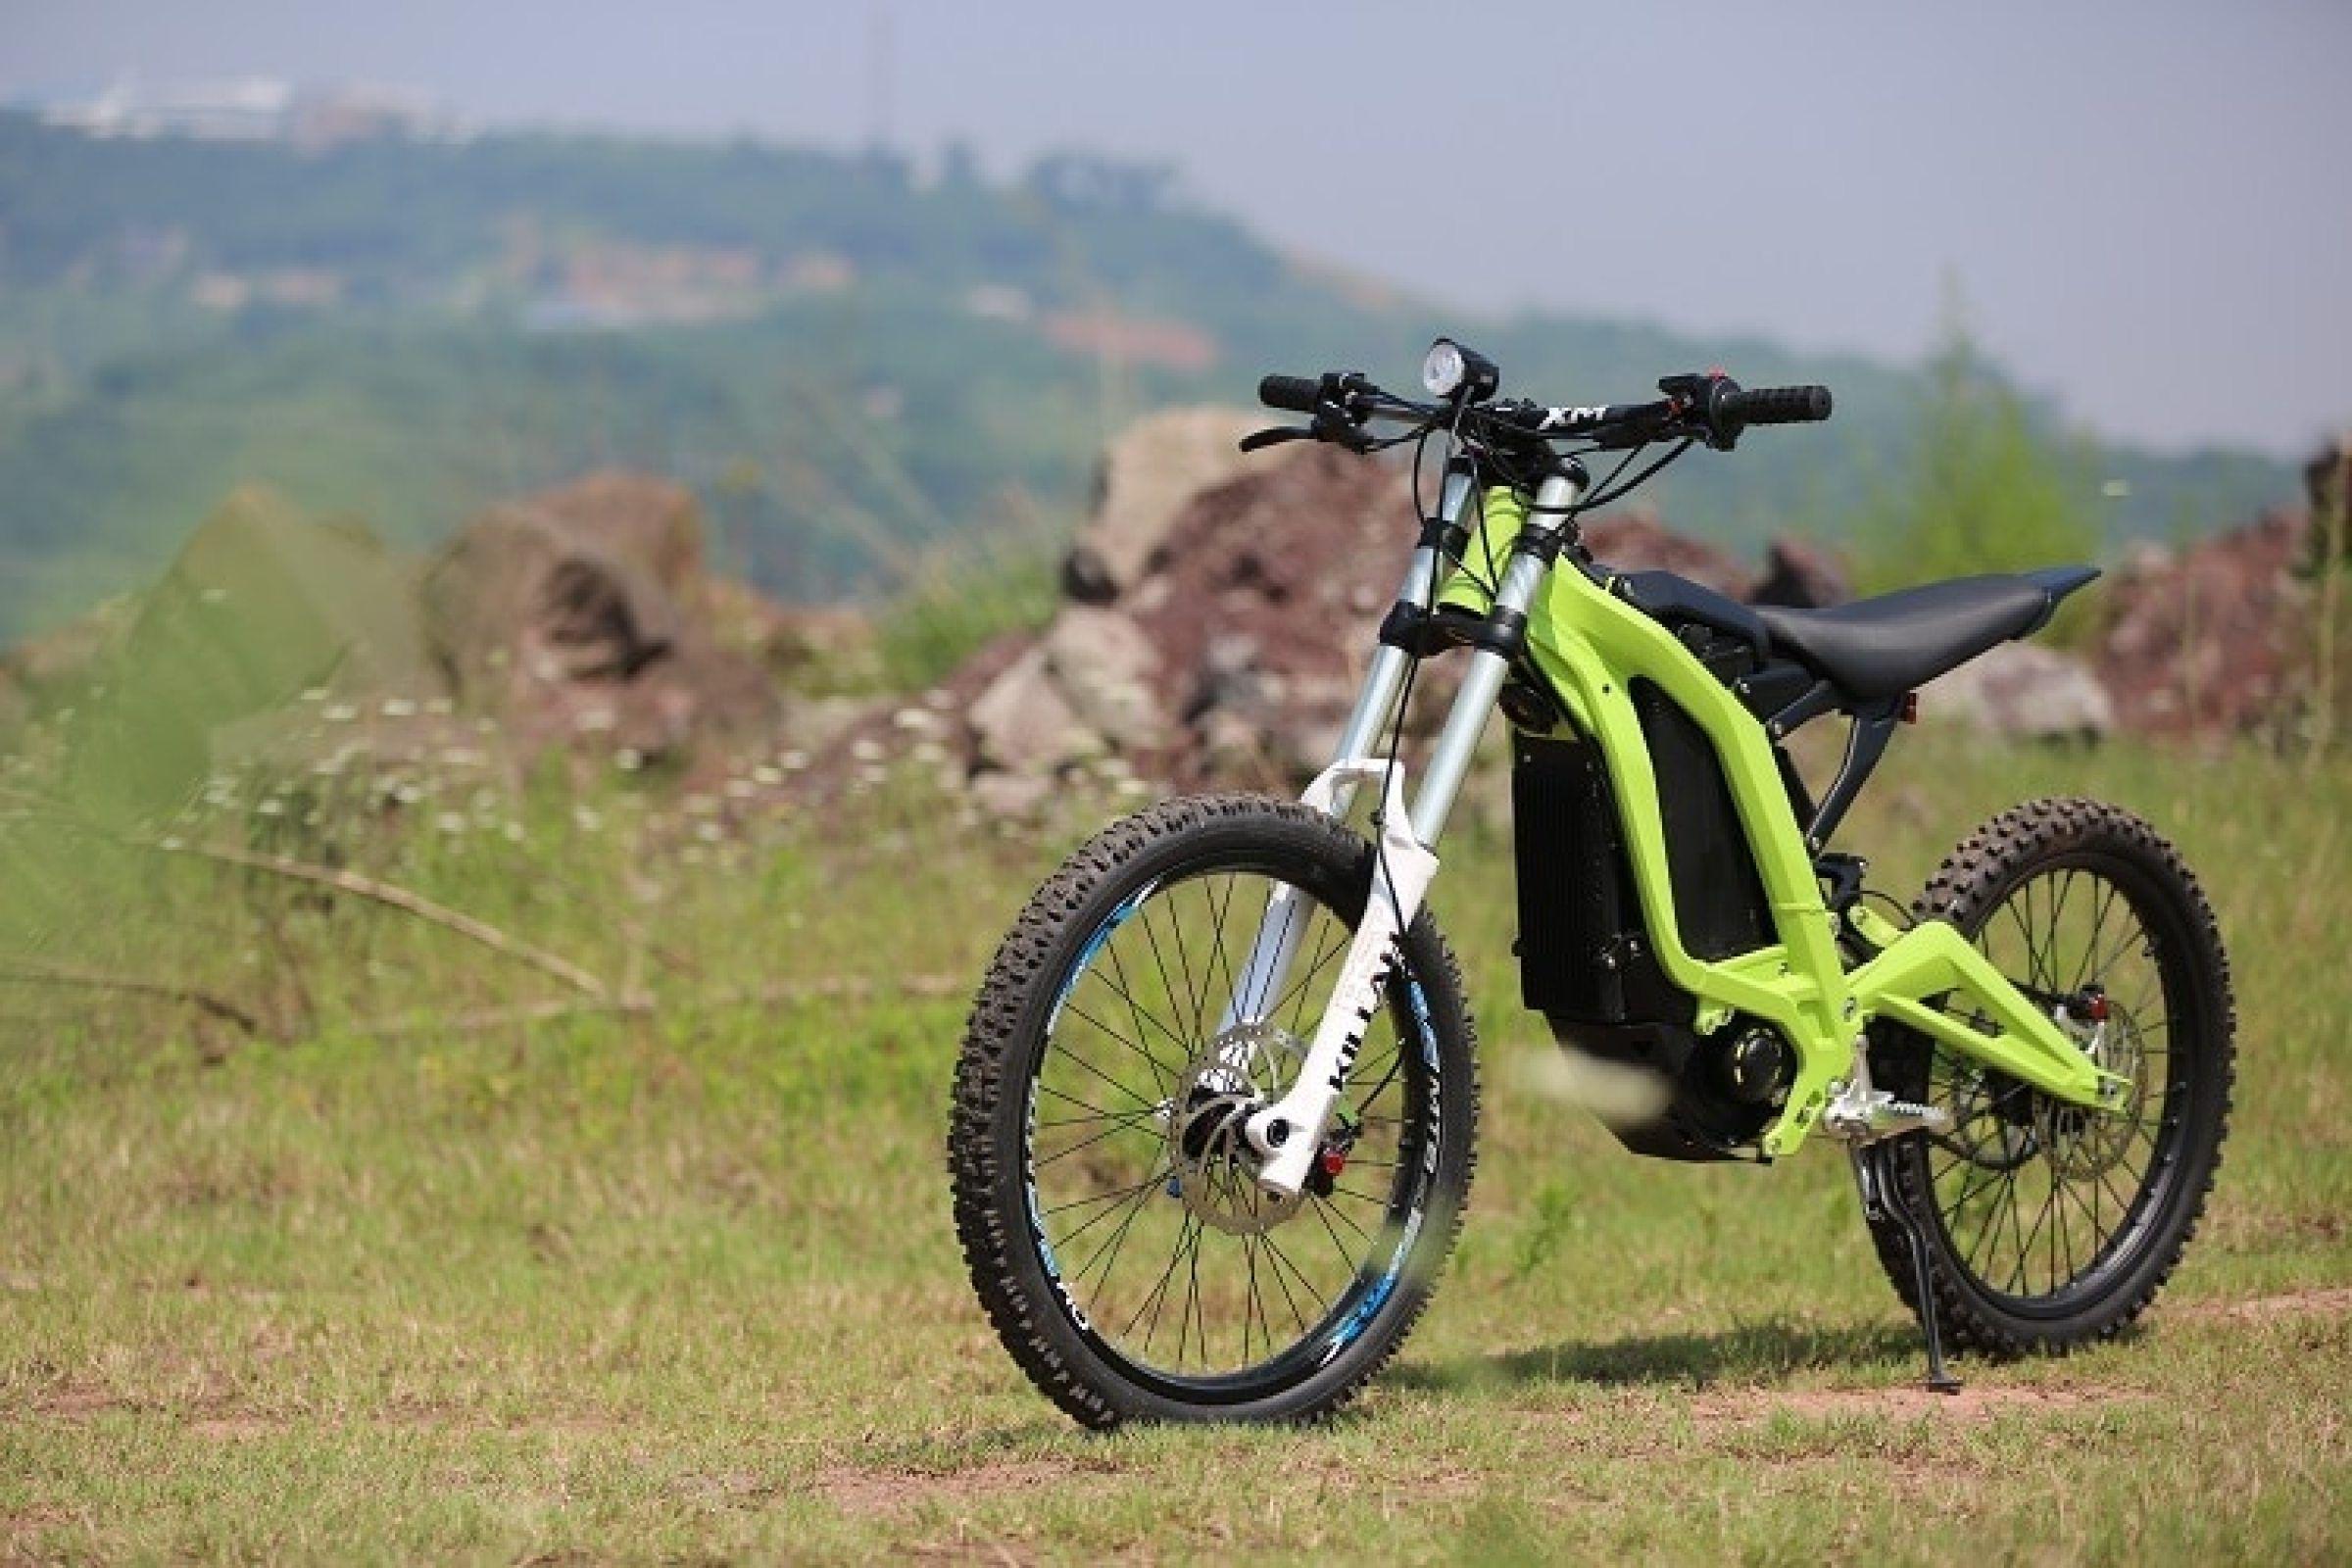 Electric Bike Review Sur Ron Rockstar Ebike W 40 Mile Range